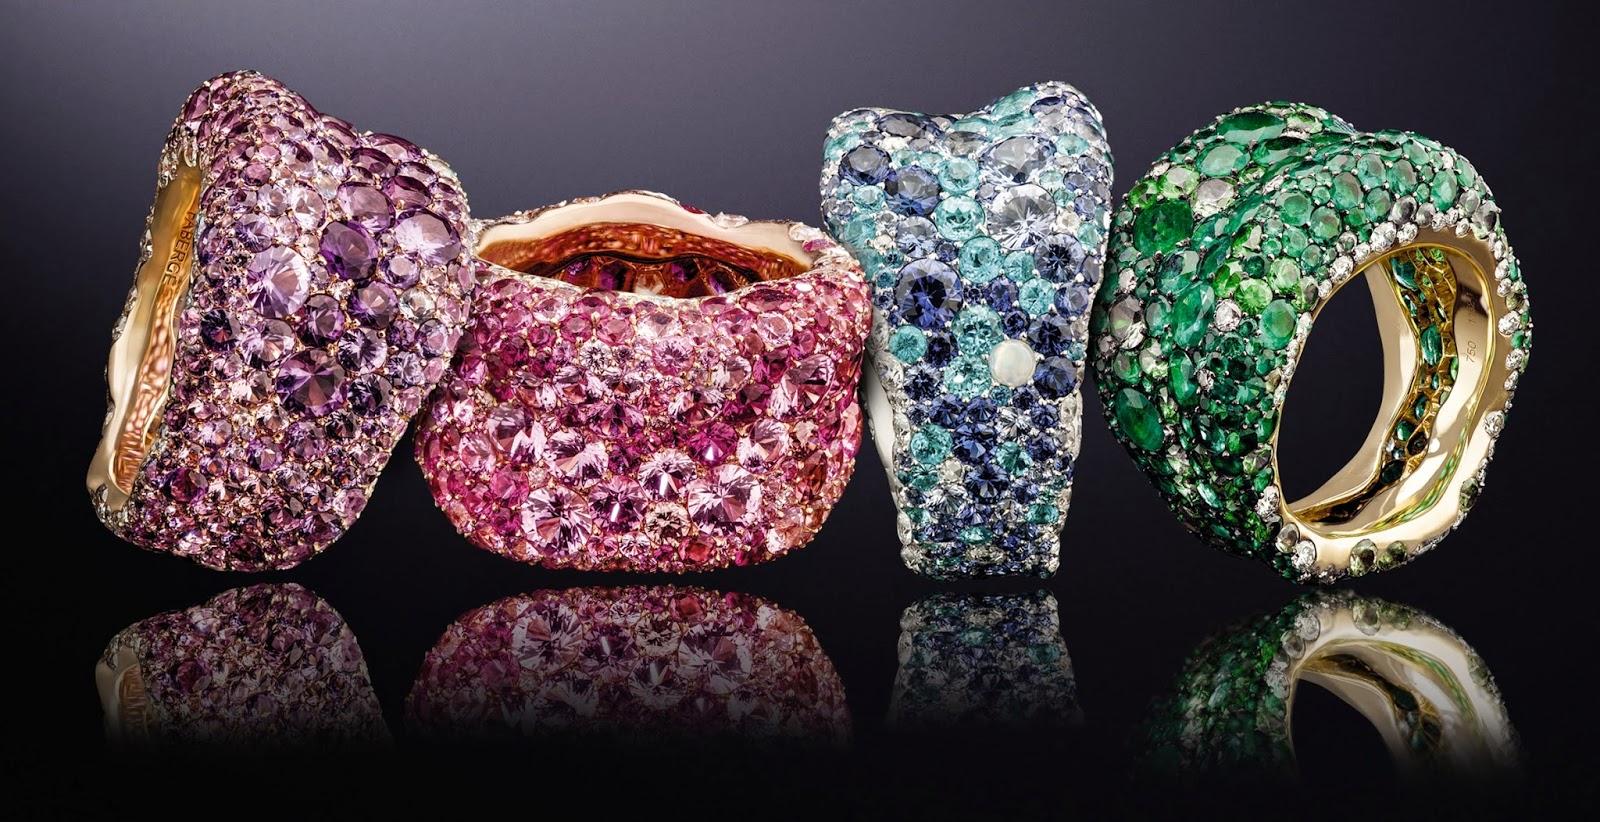 Gemfields Rocks The Big Three Sapphires From Sri Lanka